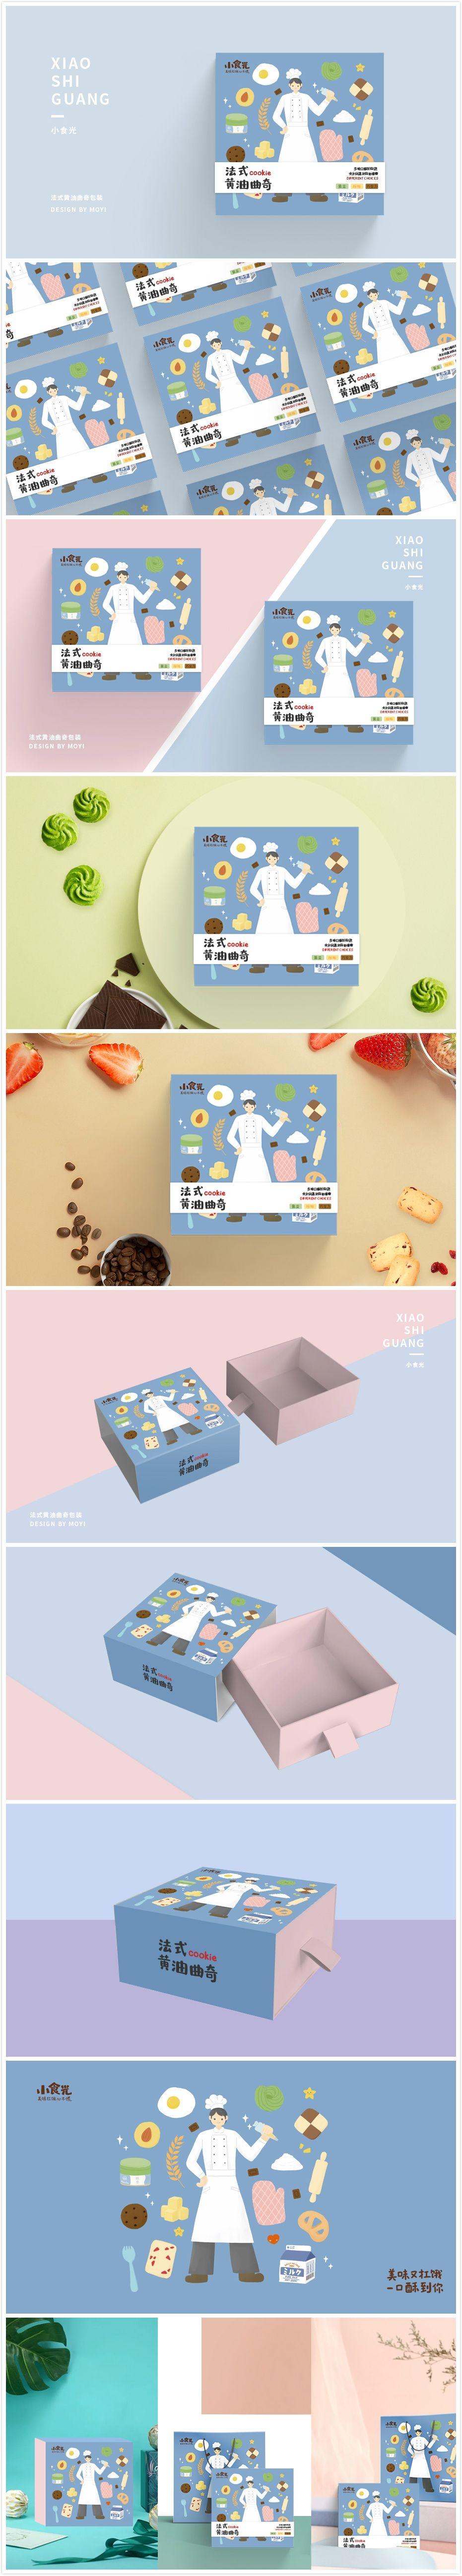 曲奇零食包装插画包装外包装盒设计手绘包装 飞特网 原创食品包装设计